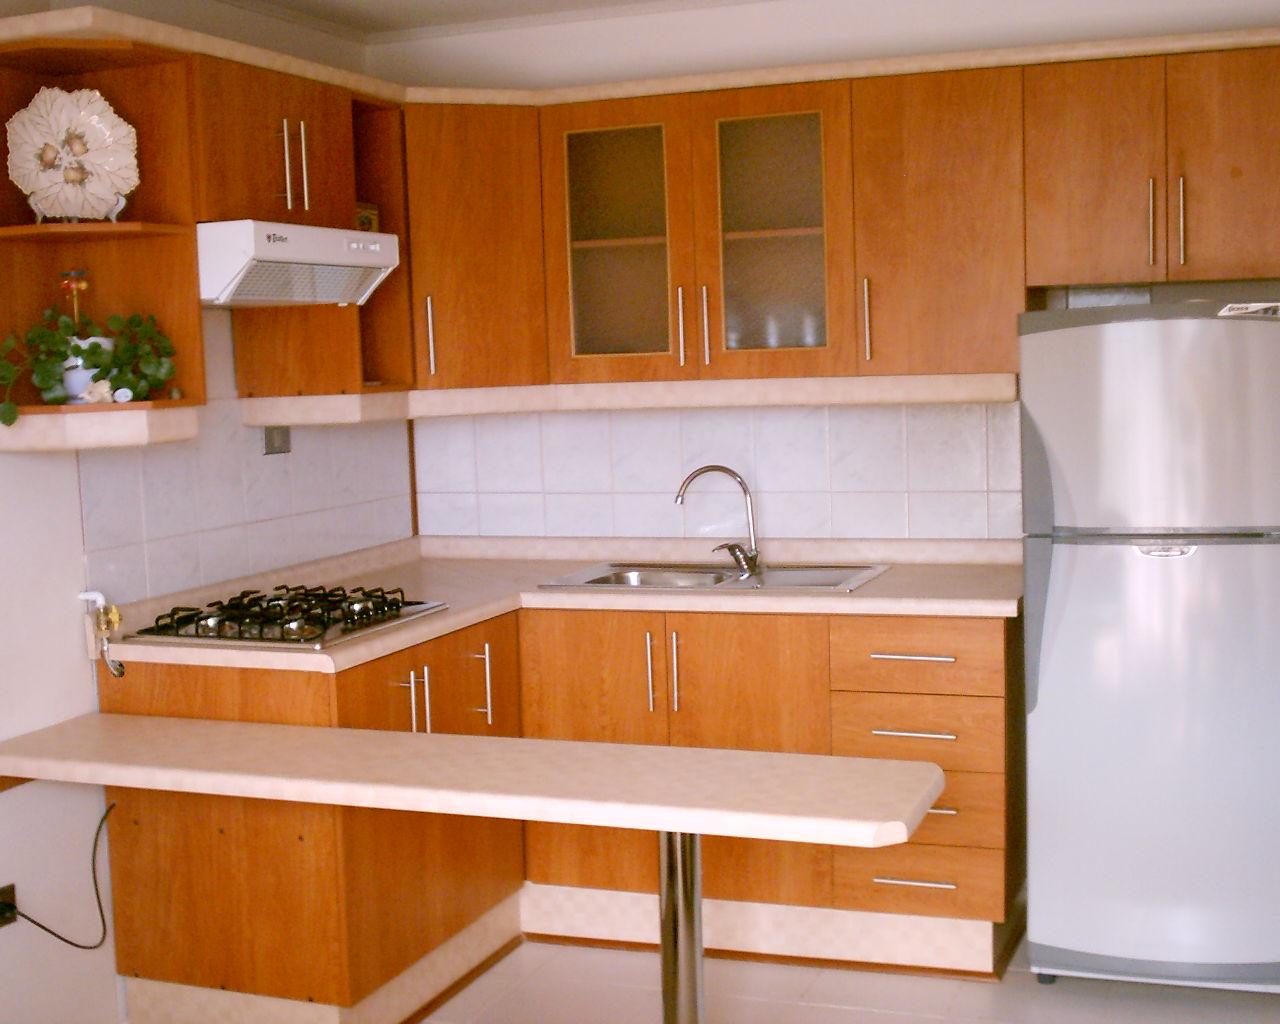 Gabinetes de cocina peque a sencillos ideas for Gabinetes de cocina modernos